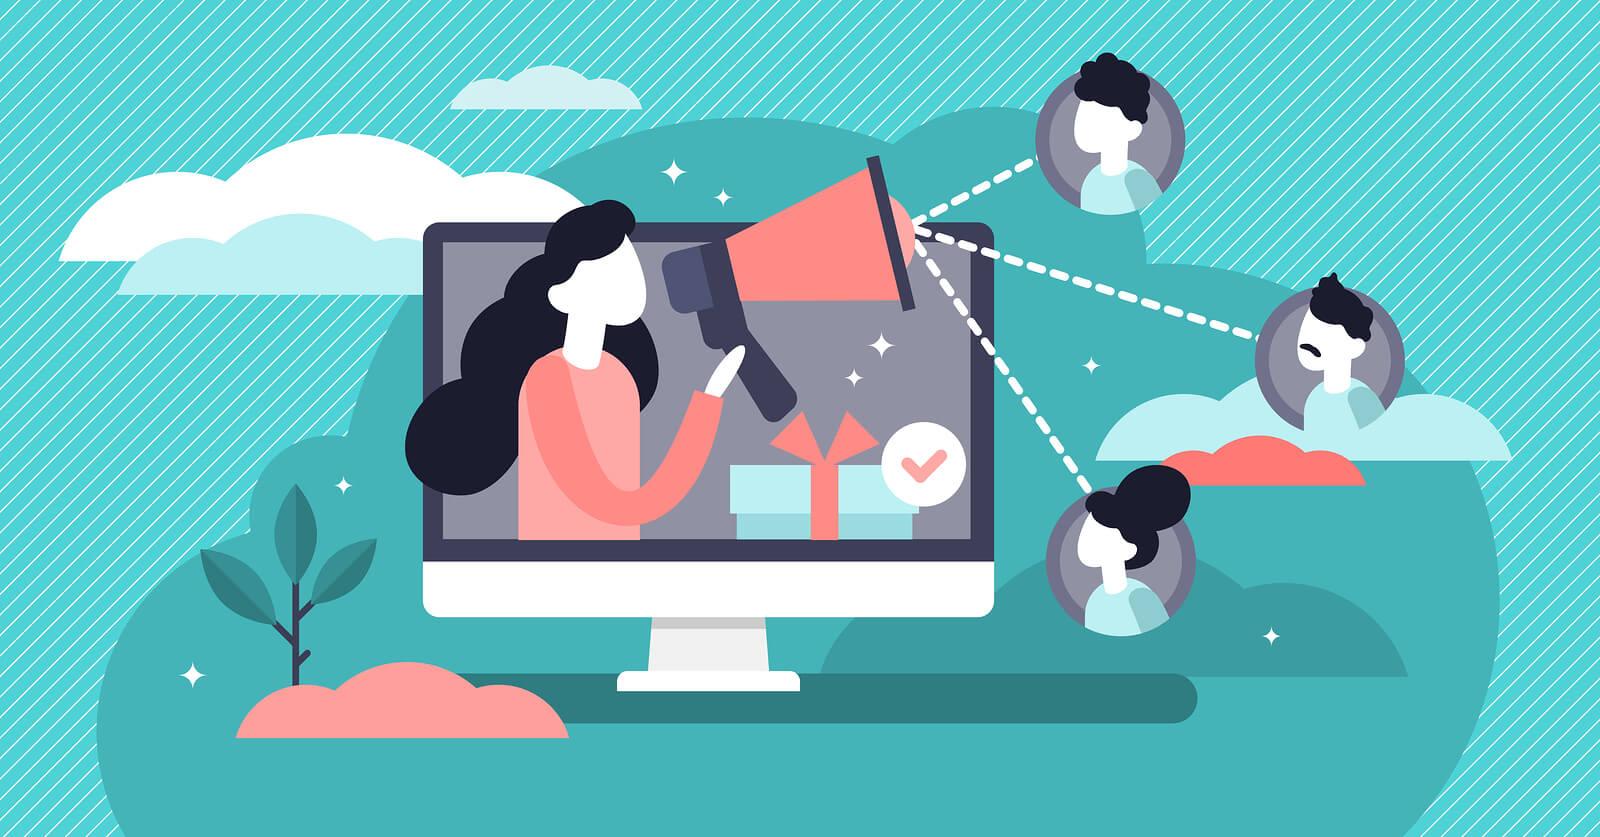 El feedback emocional: cómo dar retroalimentación en conversaciones remotas